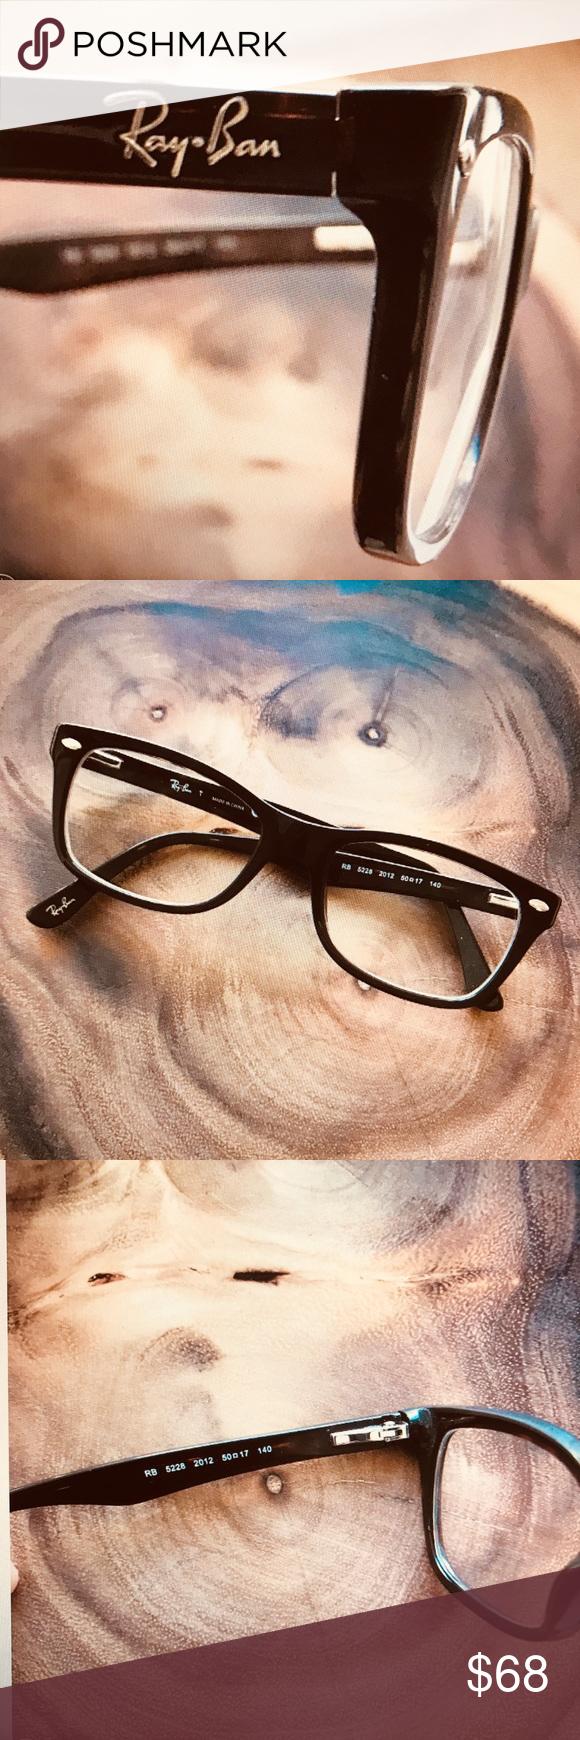 Ray-ban eyeglasses frames   Eye doctor, Prescription lenses and Lenses